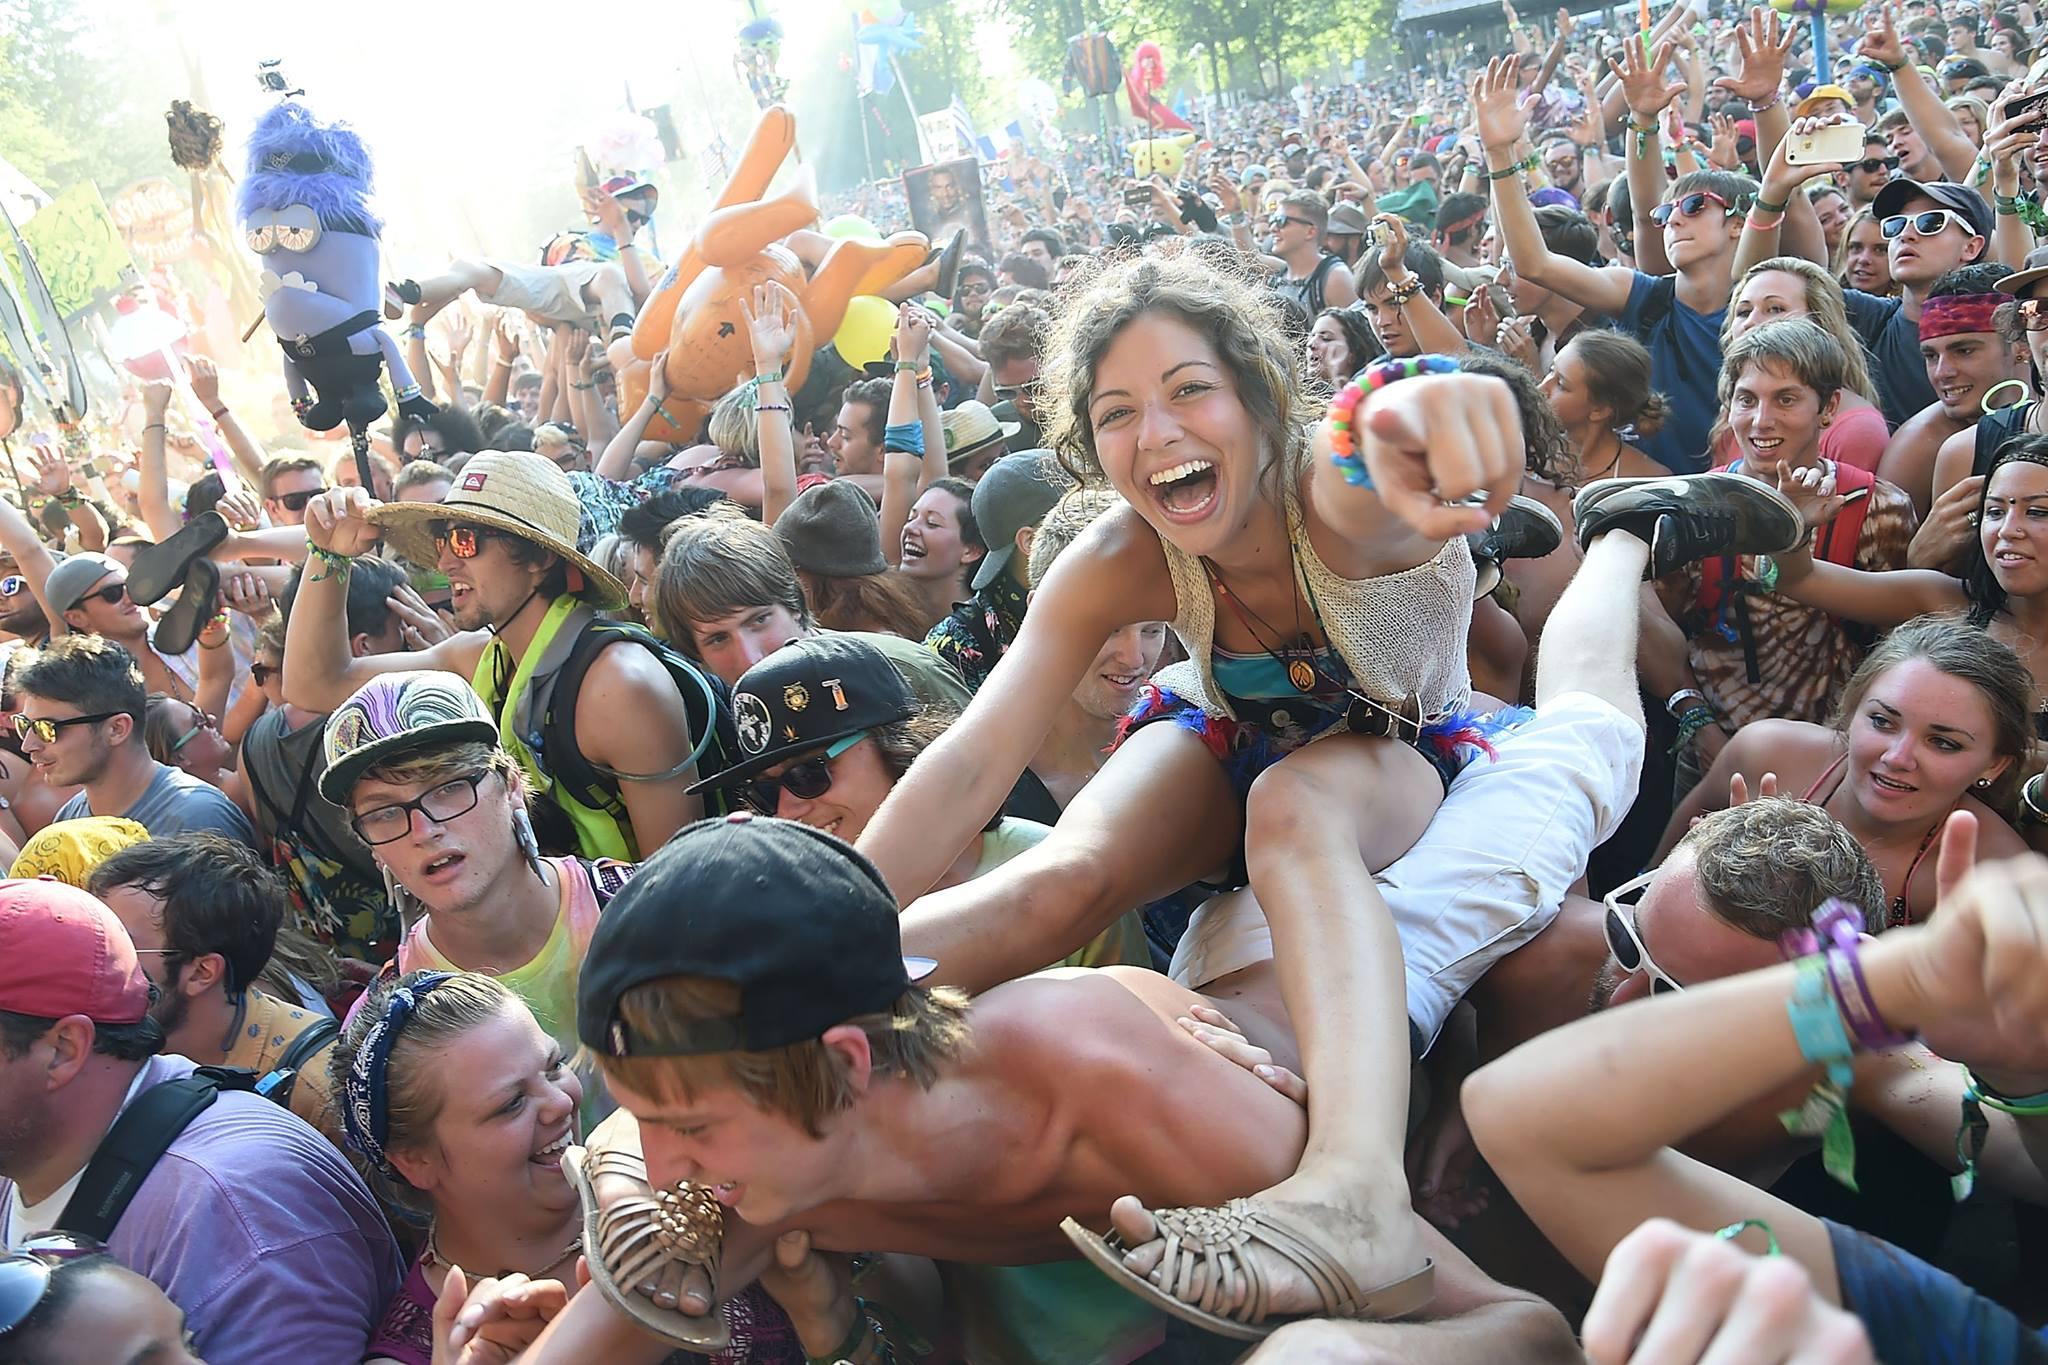 Füldugót feltétlenül pakolj be, ha élvezni szeretnéd a nyári koncerteket!